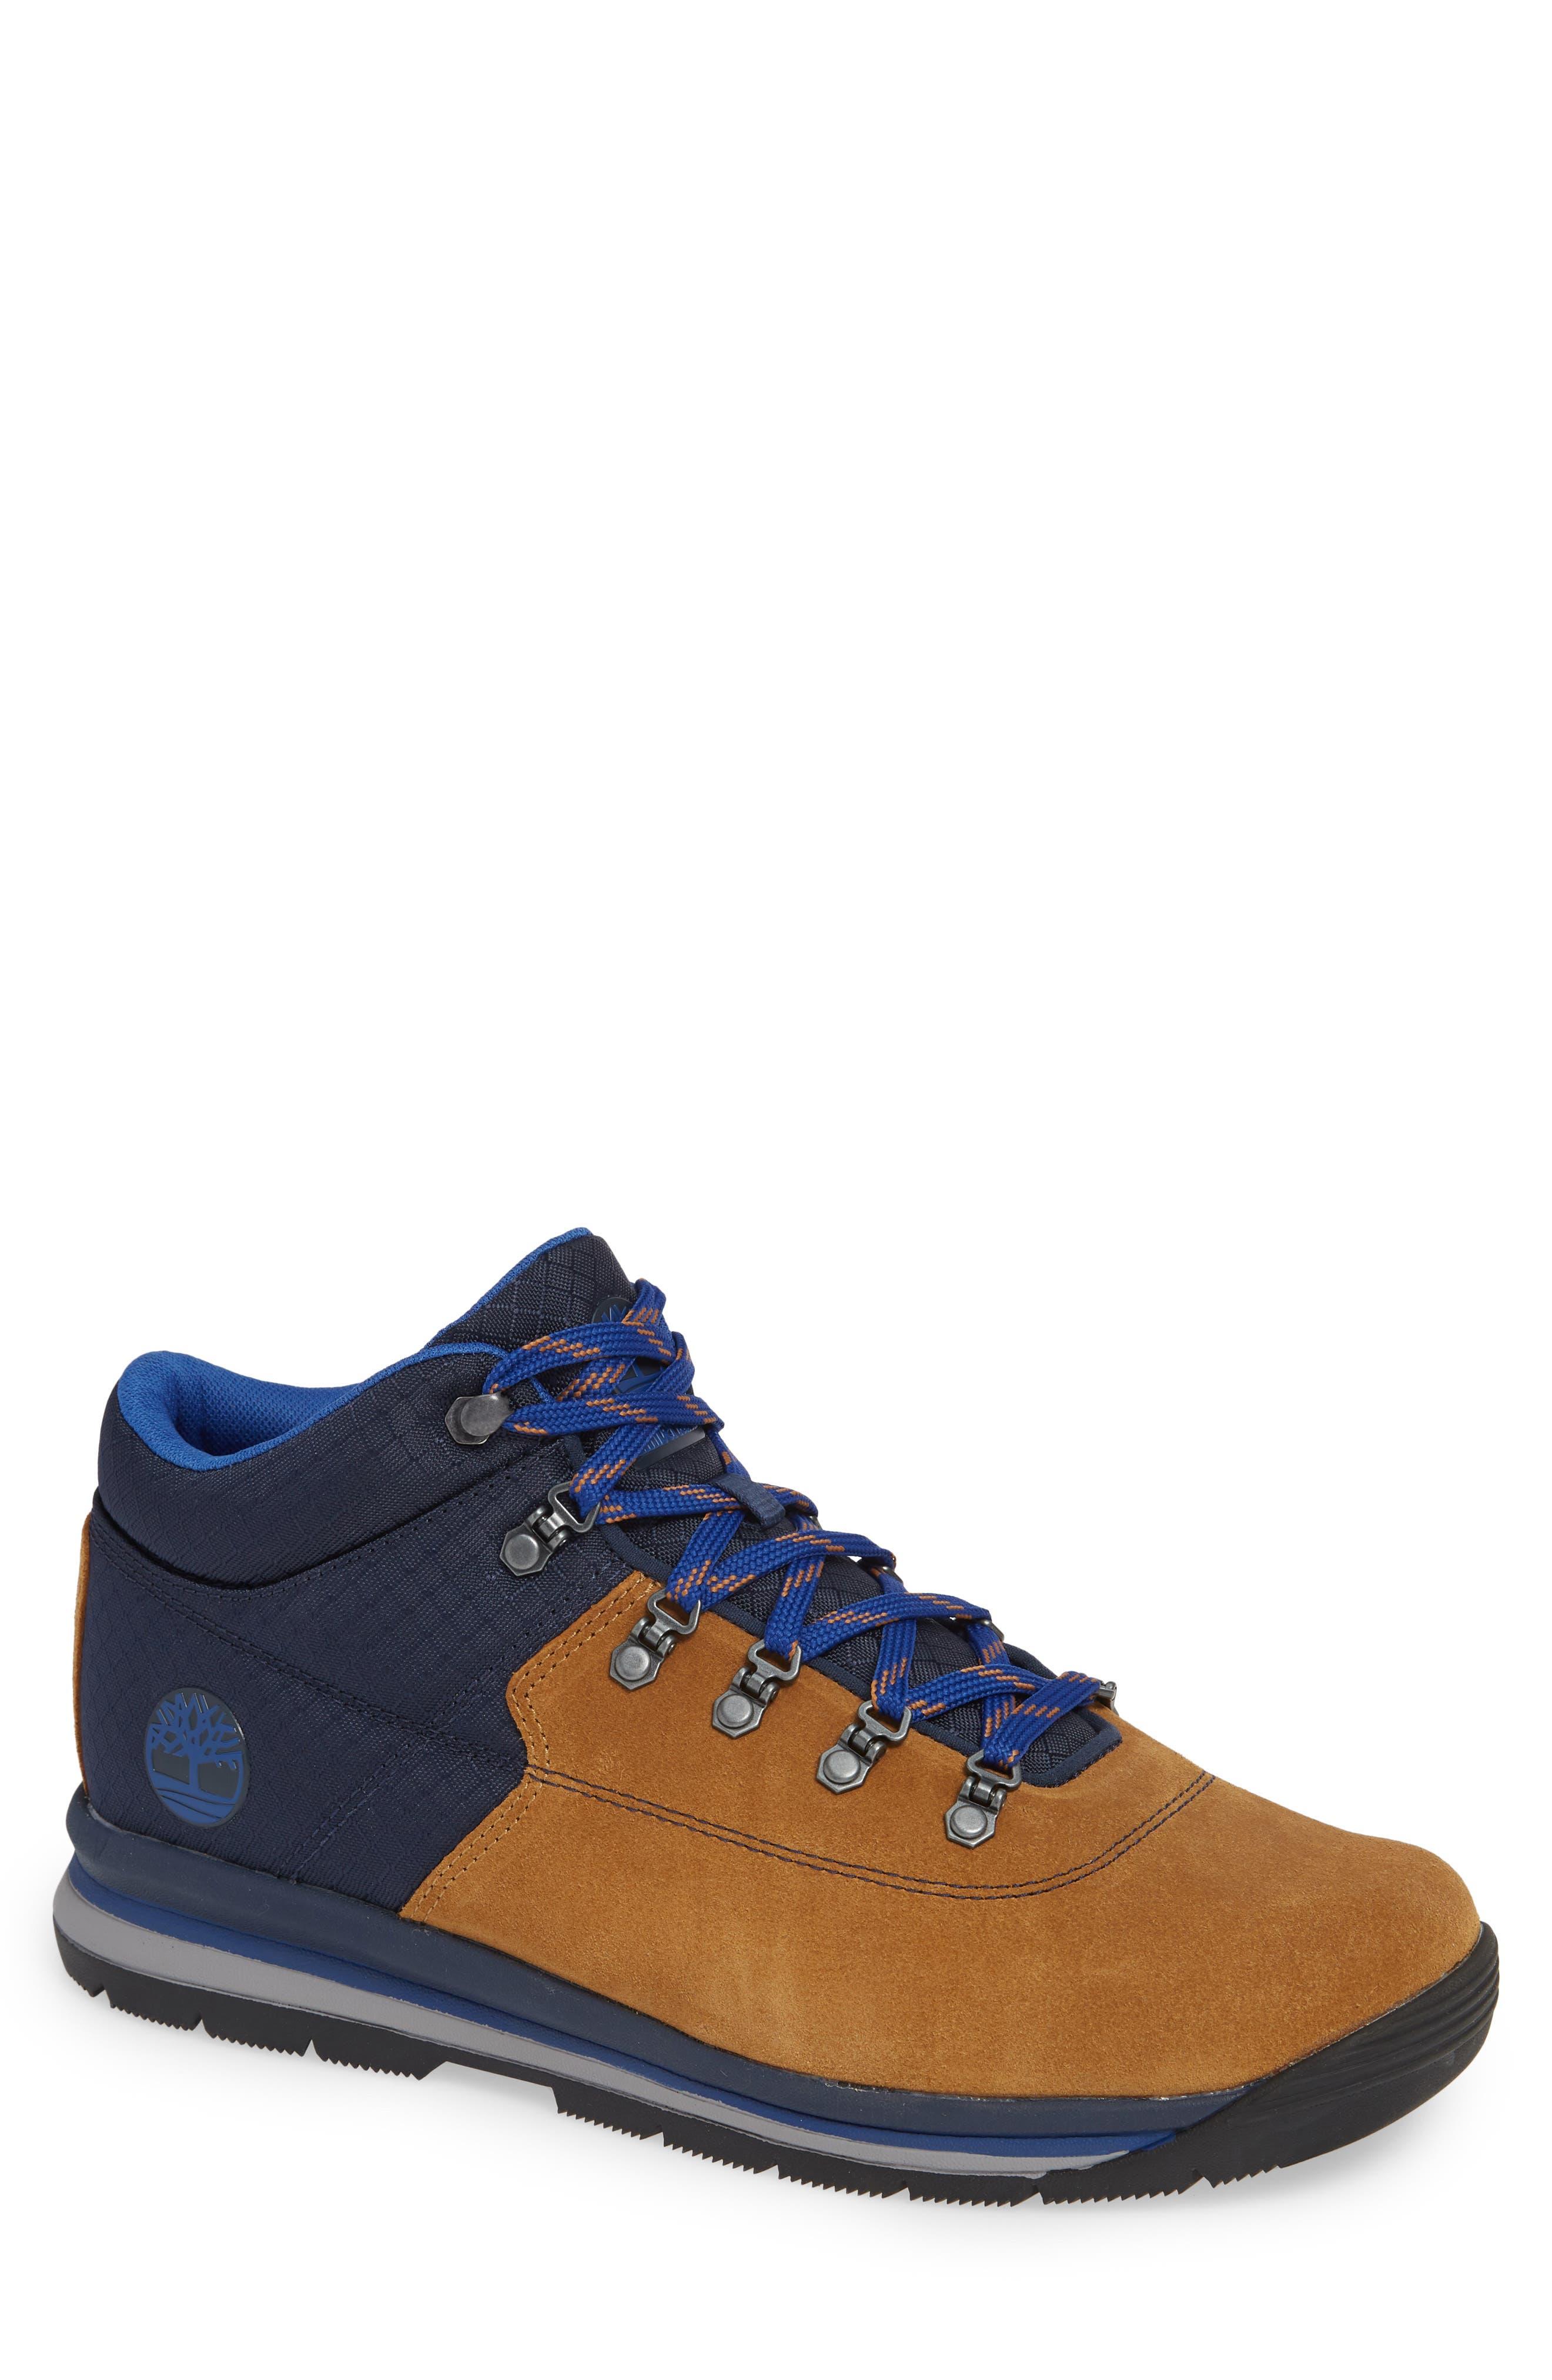 GT Scramble Mid Boot,                         Main,                         color, 210